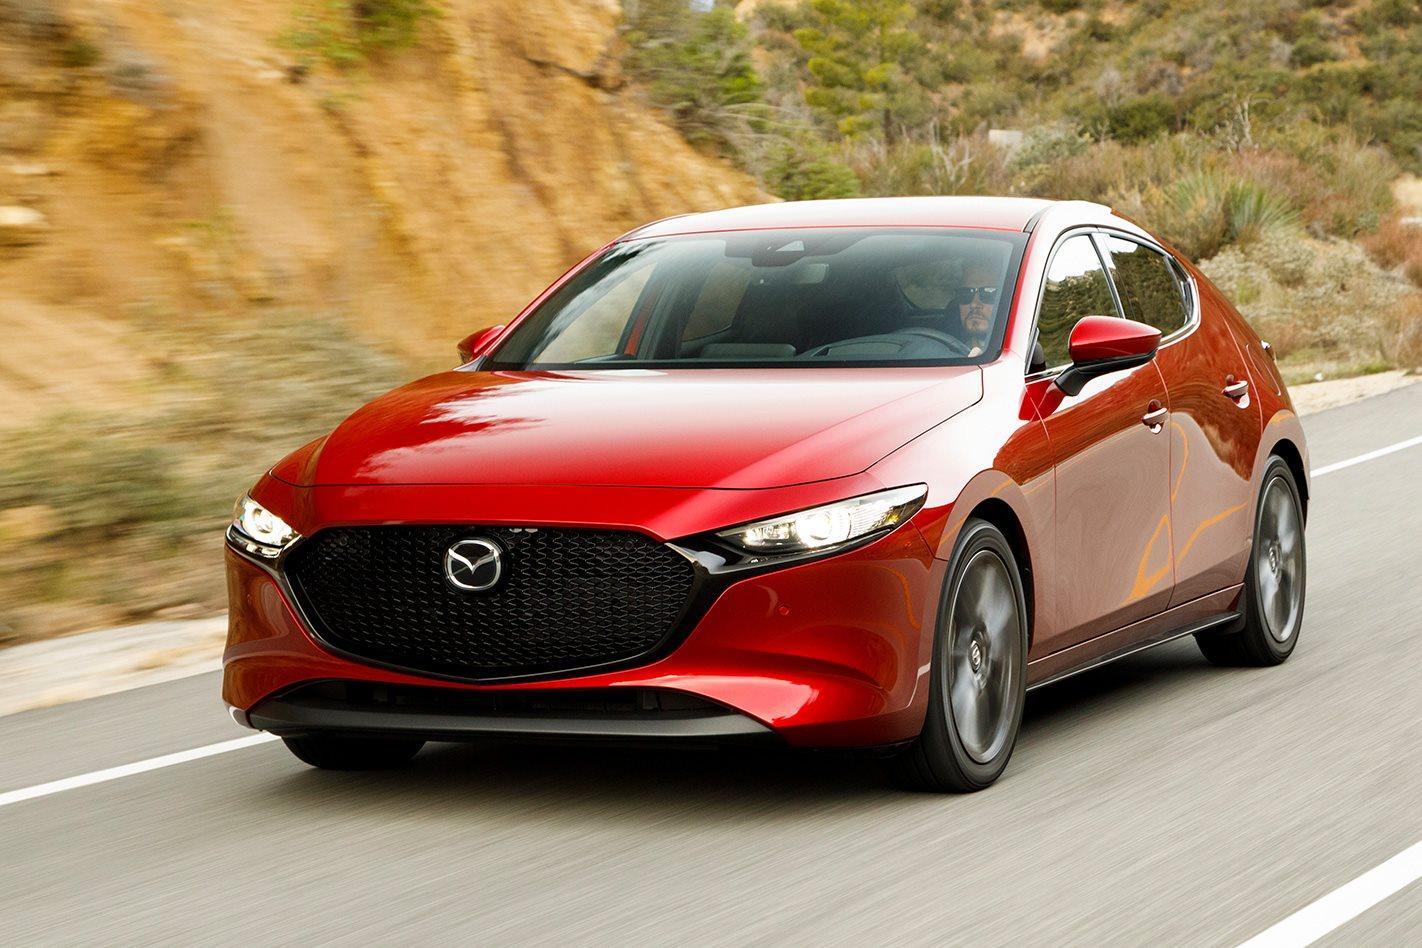 Kelebihan Mazda 3 2019 Top Model Tahun Ini